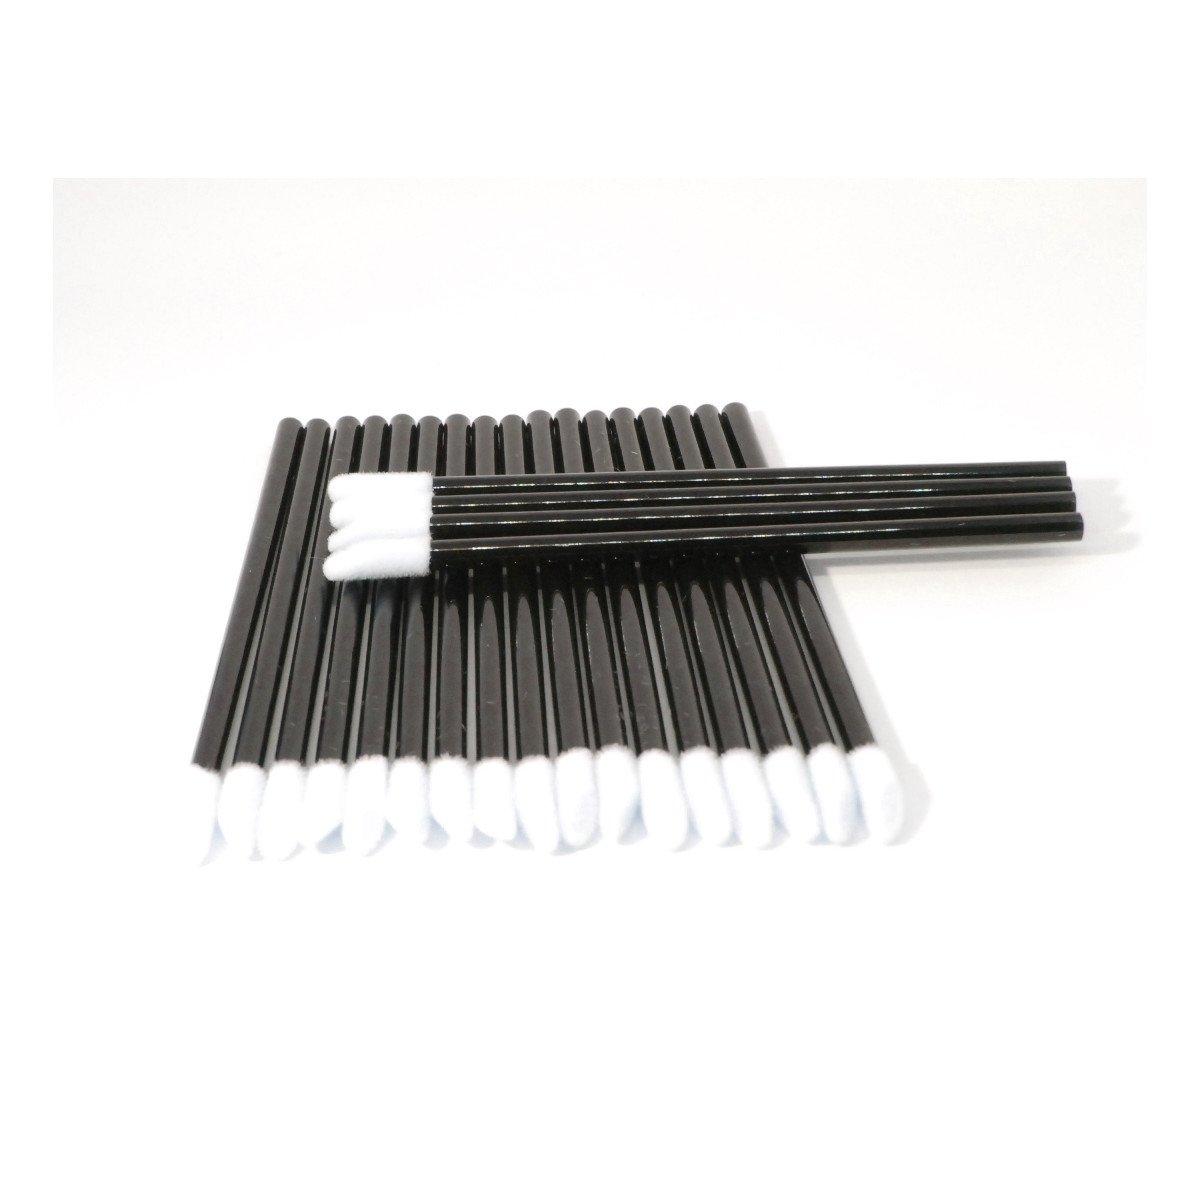 /Microfibra y quitapelusas libre/ 50/unidades de limpieza para las pesta/ñas garant/ía/ /En negro /Micro Blading/ /Pincel de labios/